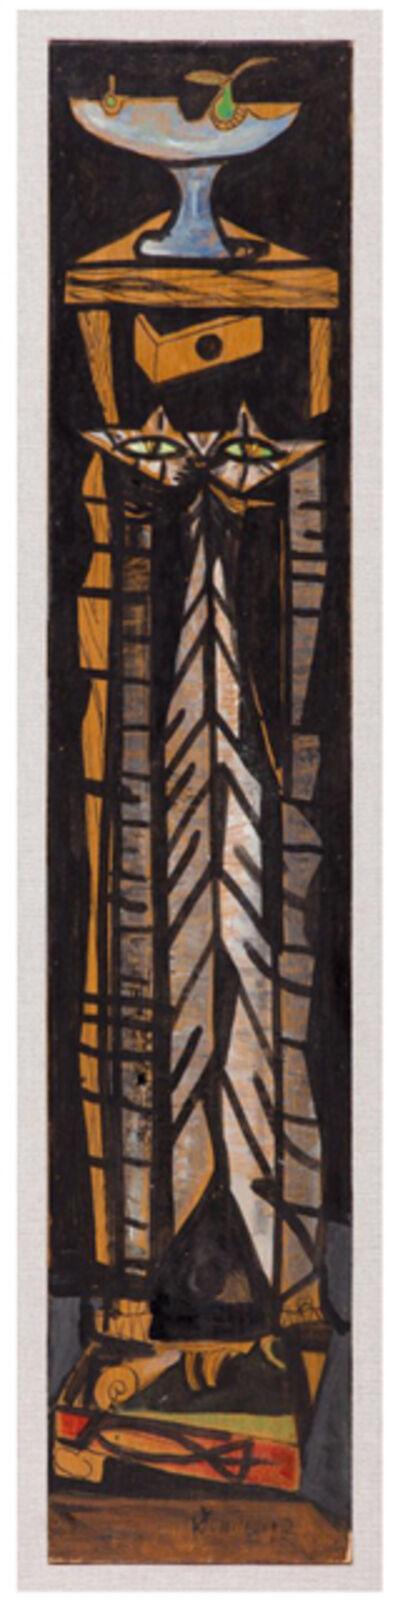 Óscar Domínguez, 'Le Chat', 1953